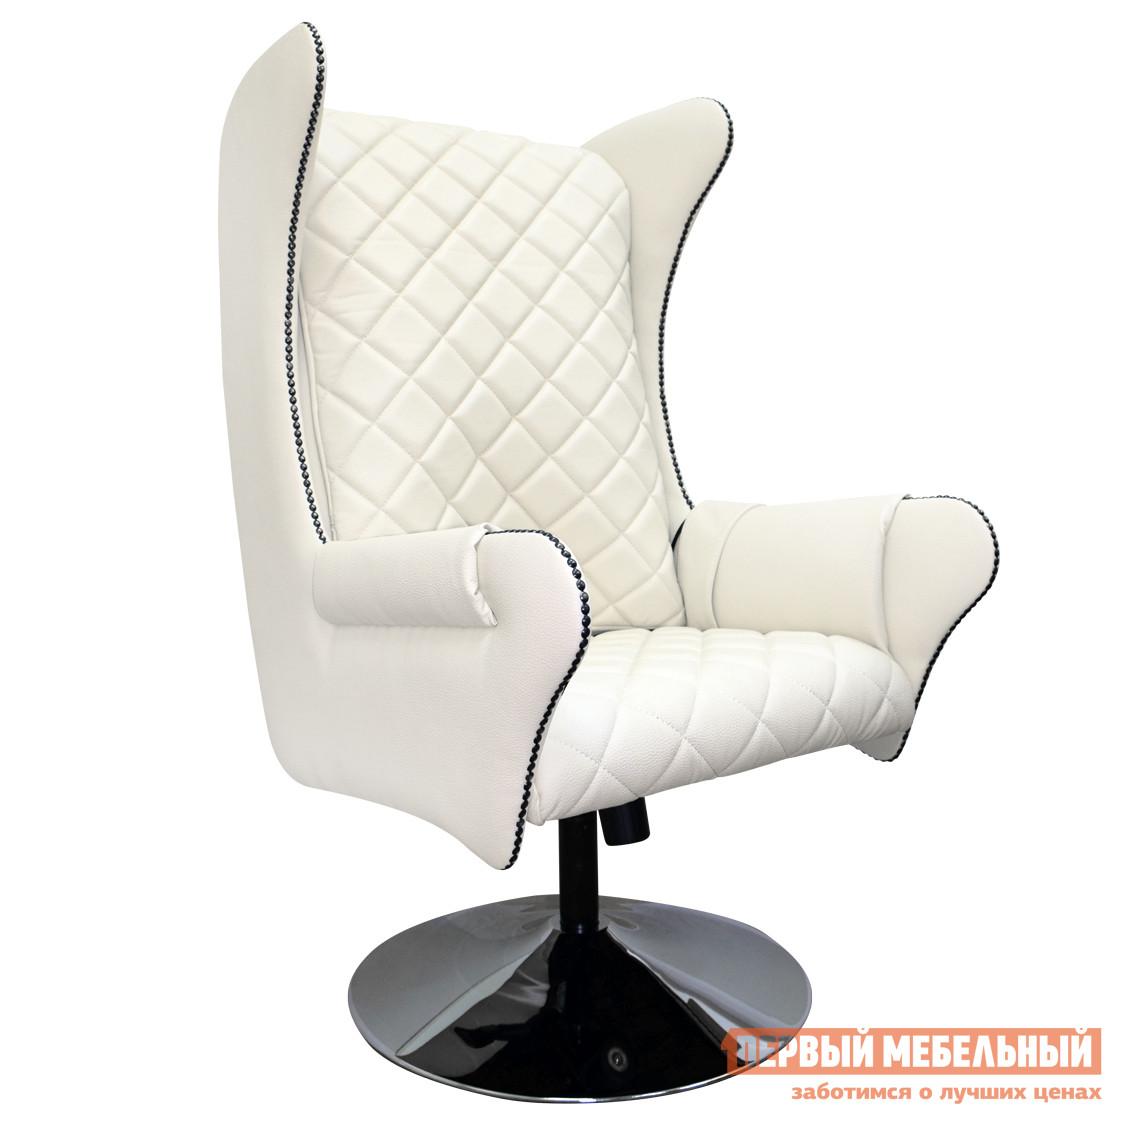 Кресло руководителя с массажем Relaxa EG-3002 Elite Standart цена